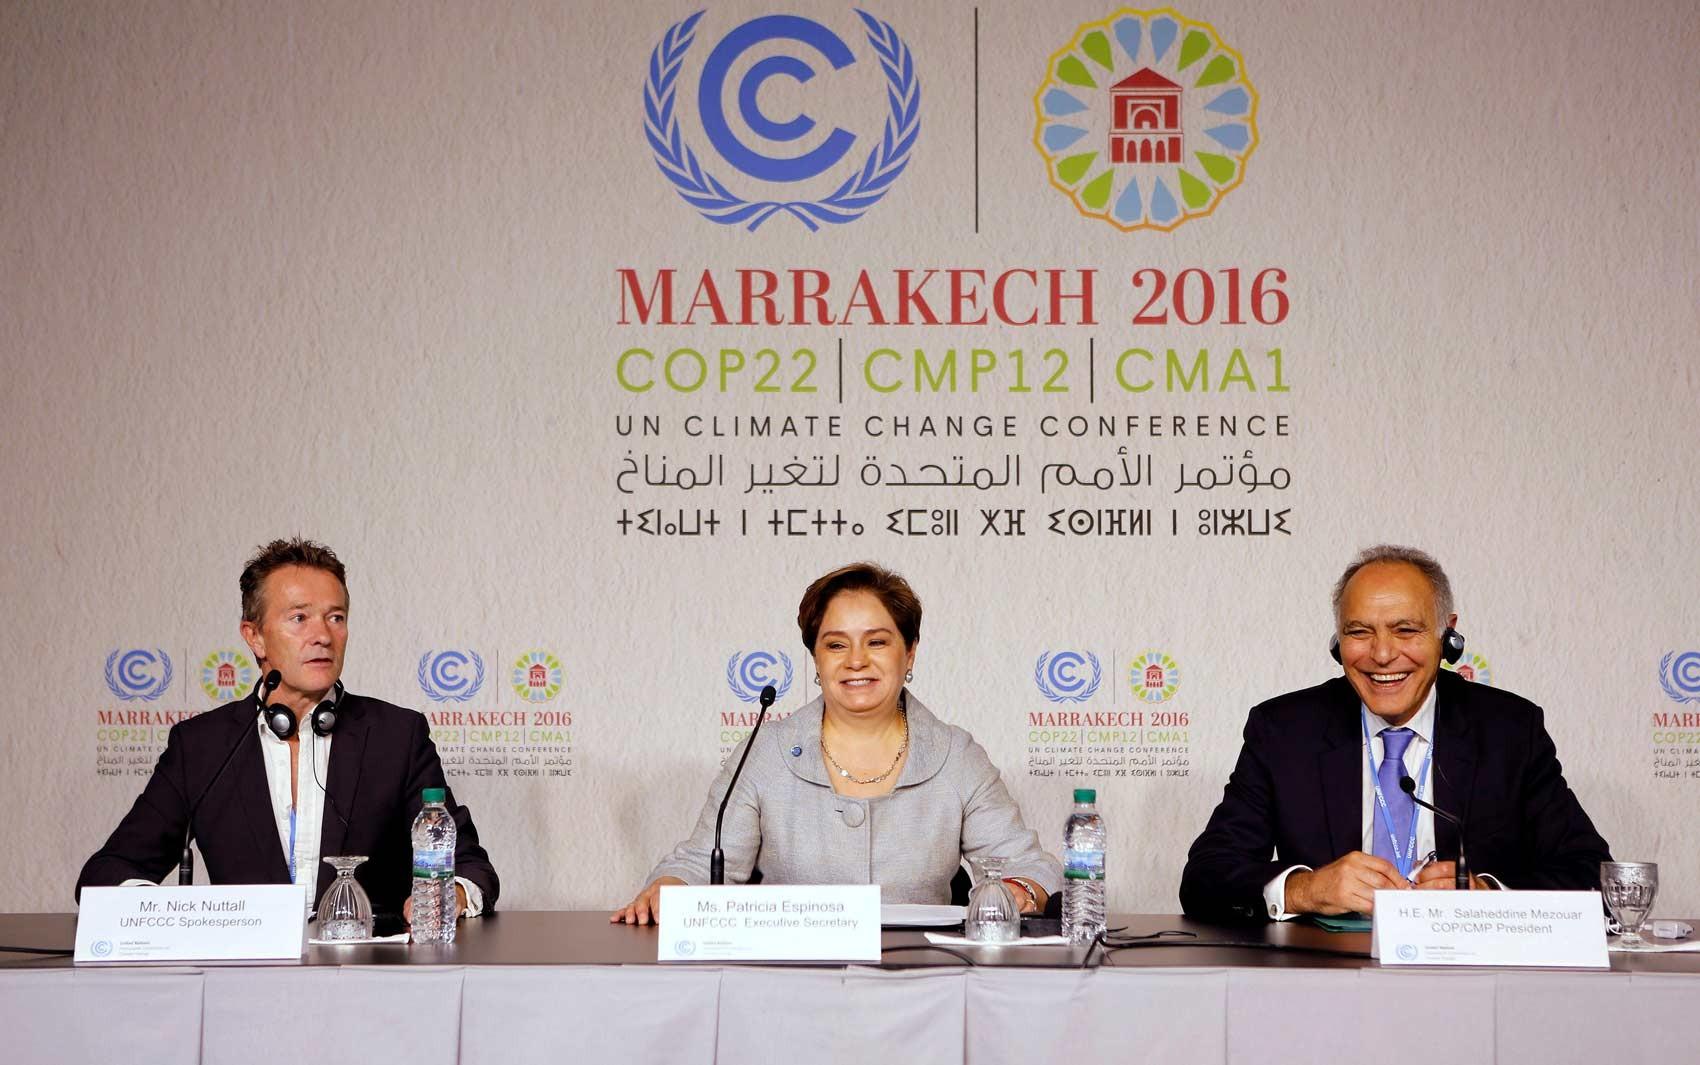 Porta-voz da convenção do clima da ONU Nick Nuttall, secretária executiva da convenção Patricia Espinosa e ministro das relações exteriores do Marrocos e presidente da COP 22 Saleheddine Mezouar participam do evento neste domingo em Marrakech, em Marrocos